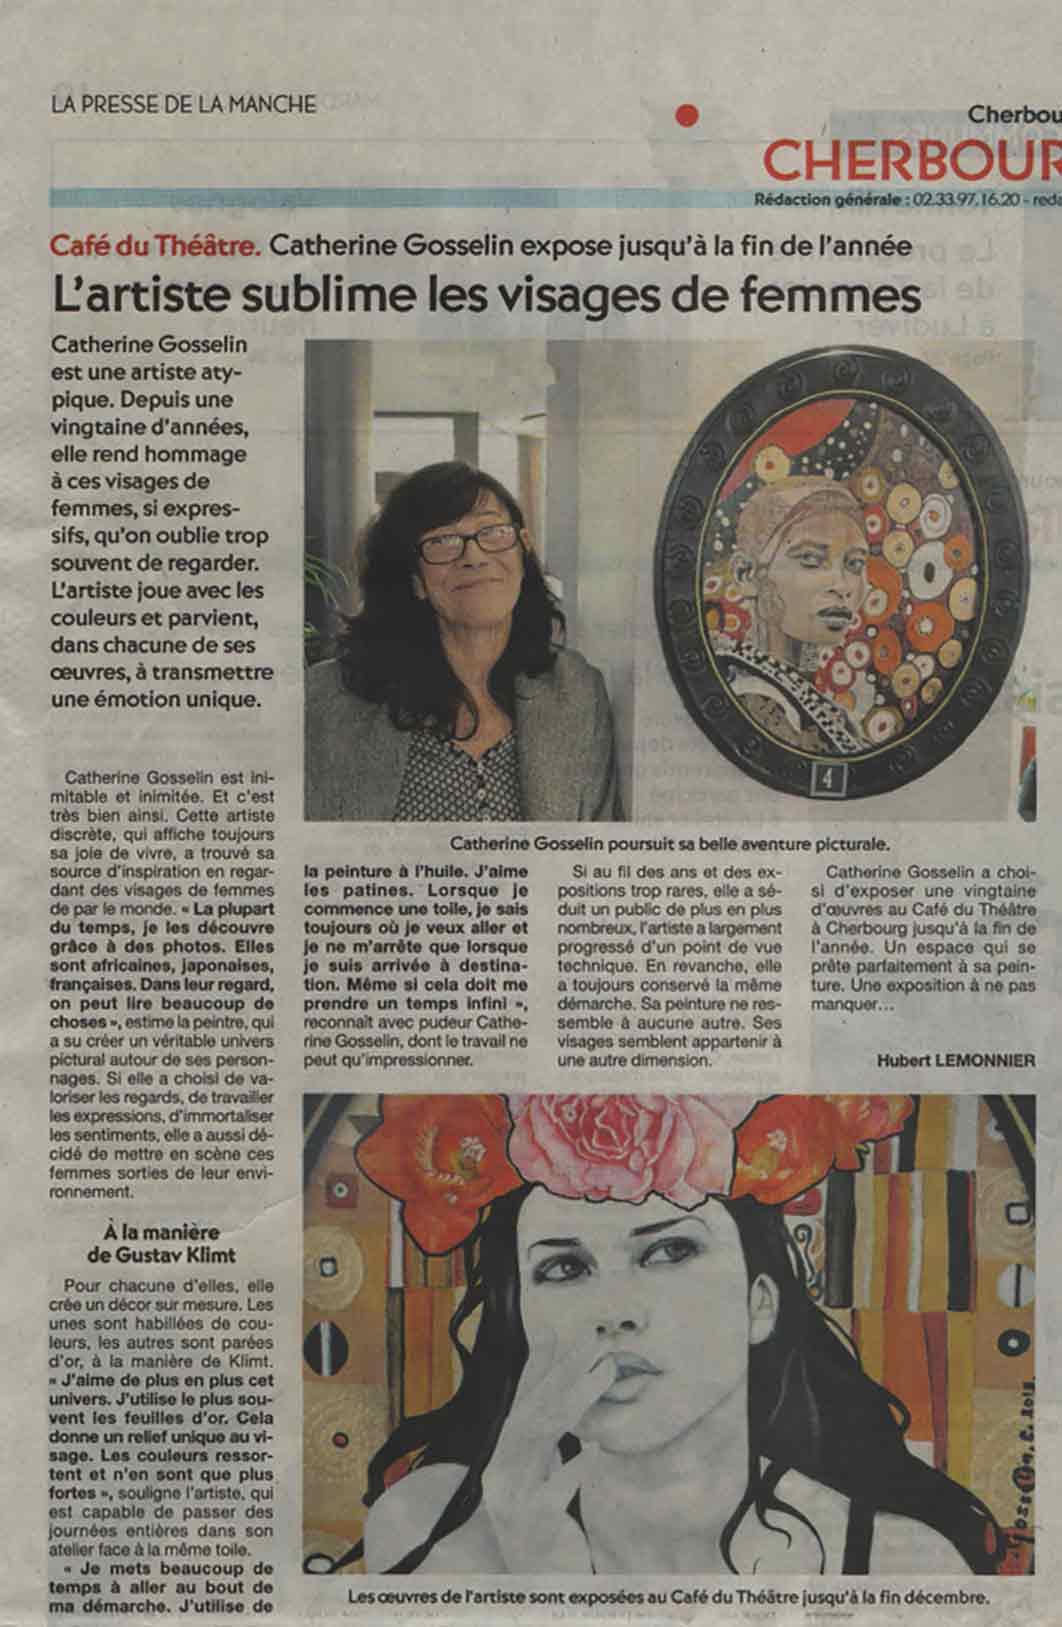 article-Cafè-du-Théâtre-10-2017-Hubert.jpg